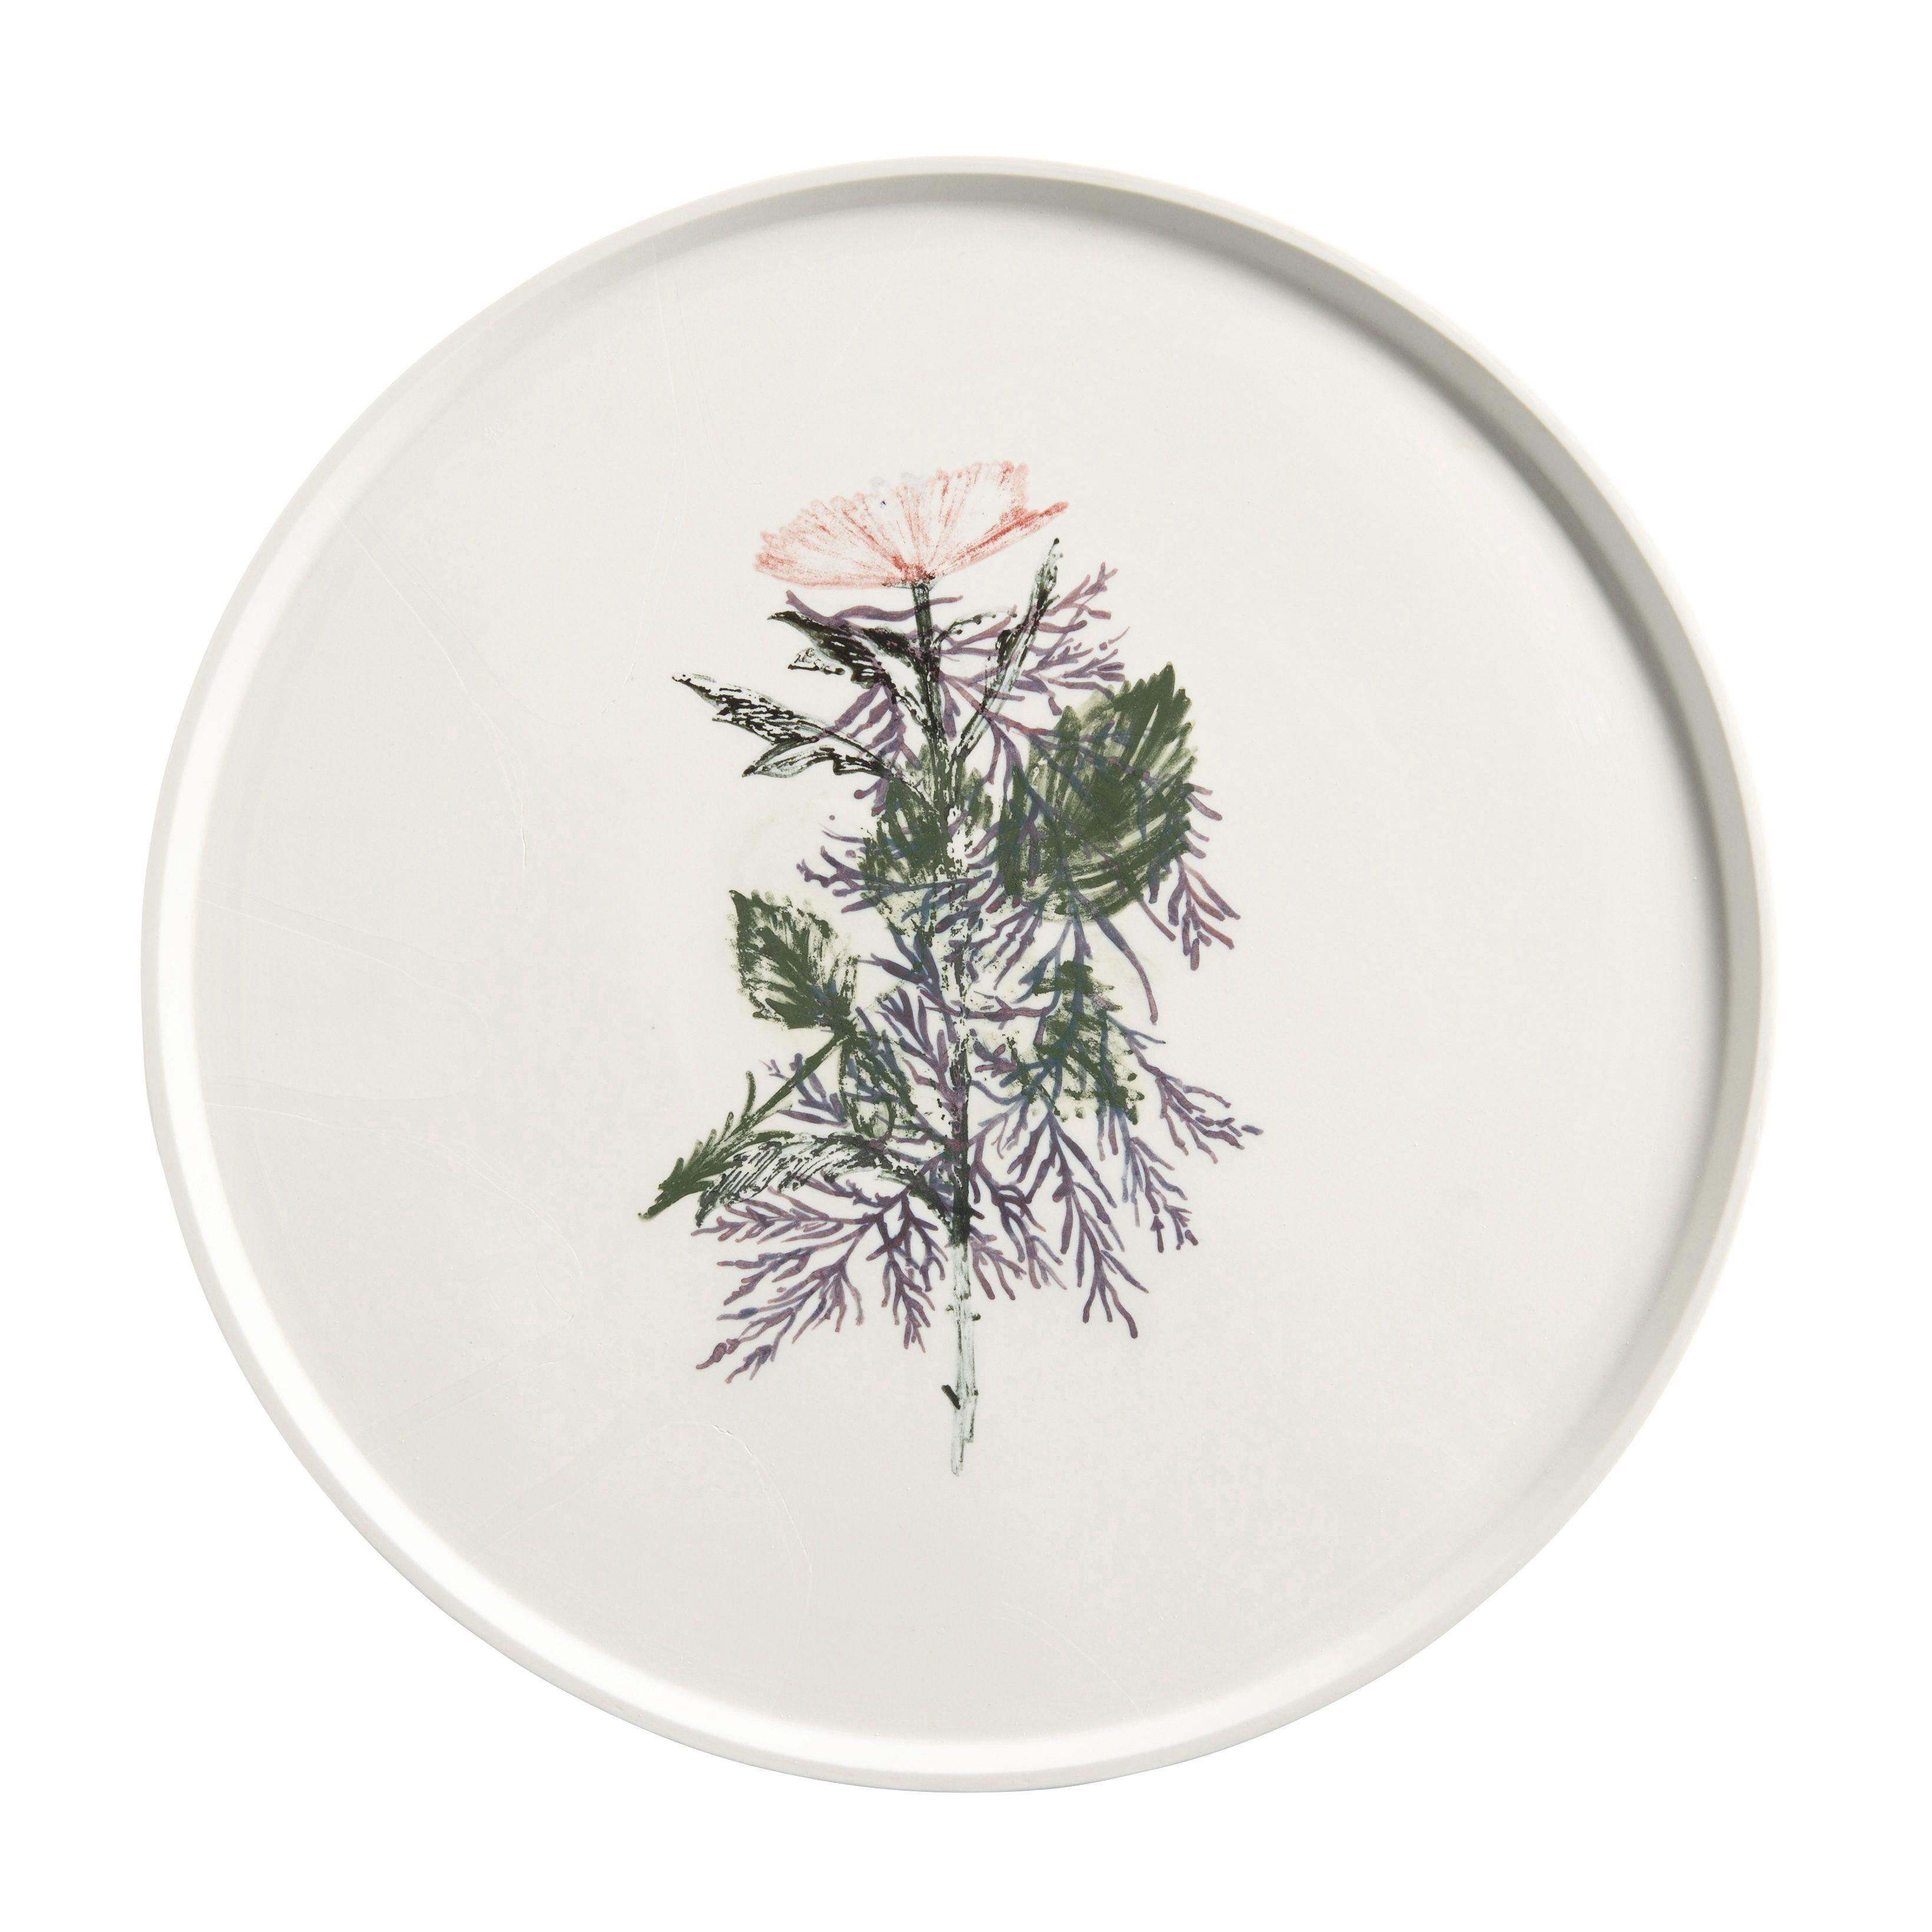 Met ingebakken bloem: schaal uit de Withering Tableware-collectie van Studio Maarten Kolk en Guus Kusters. € 290,-, www.wannekes.nl